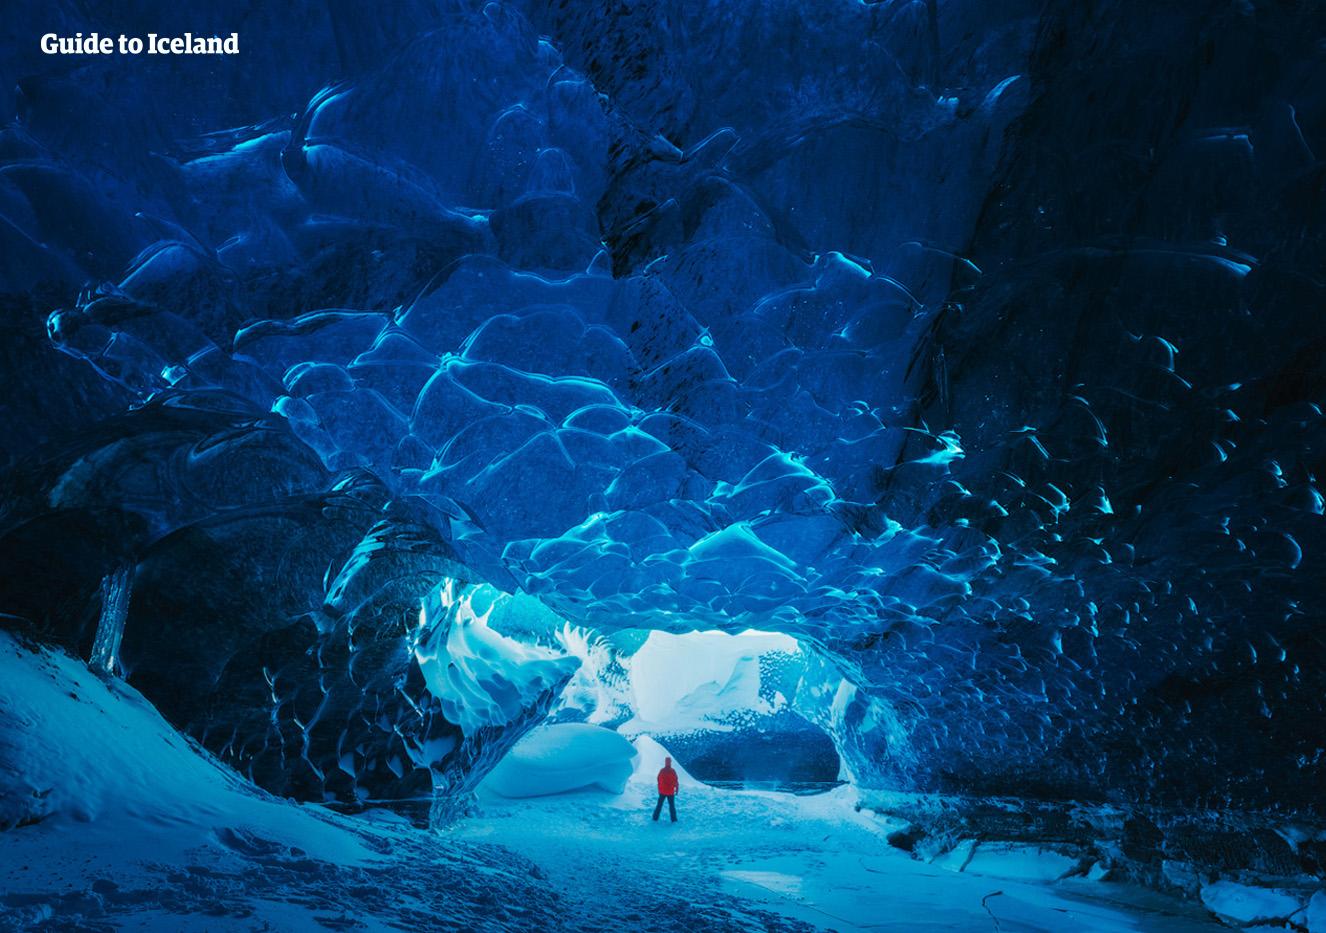 Eine Eishöhlen-Tour im Vatnajökull-Nationalpark führt dich in eine verborgene Welt im Inneren von Europas größtem Gletscher.